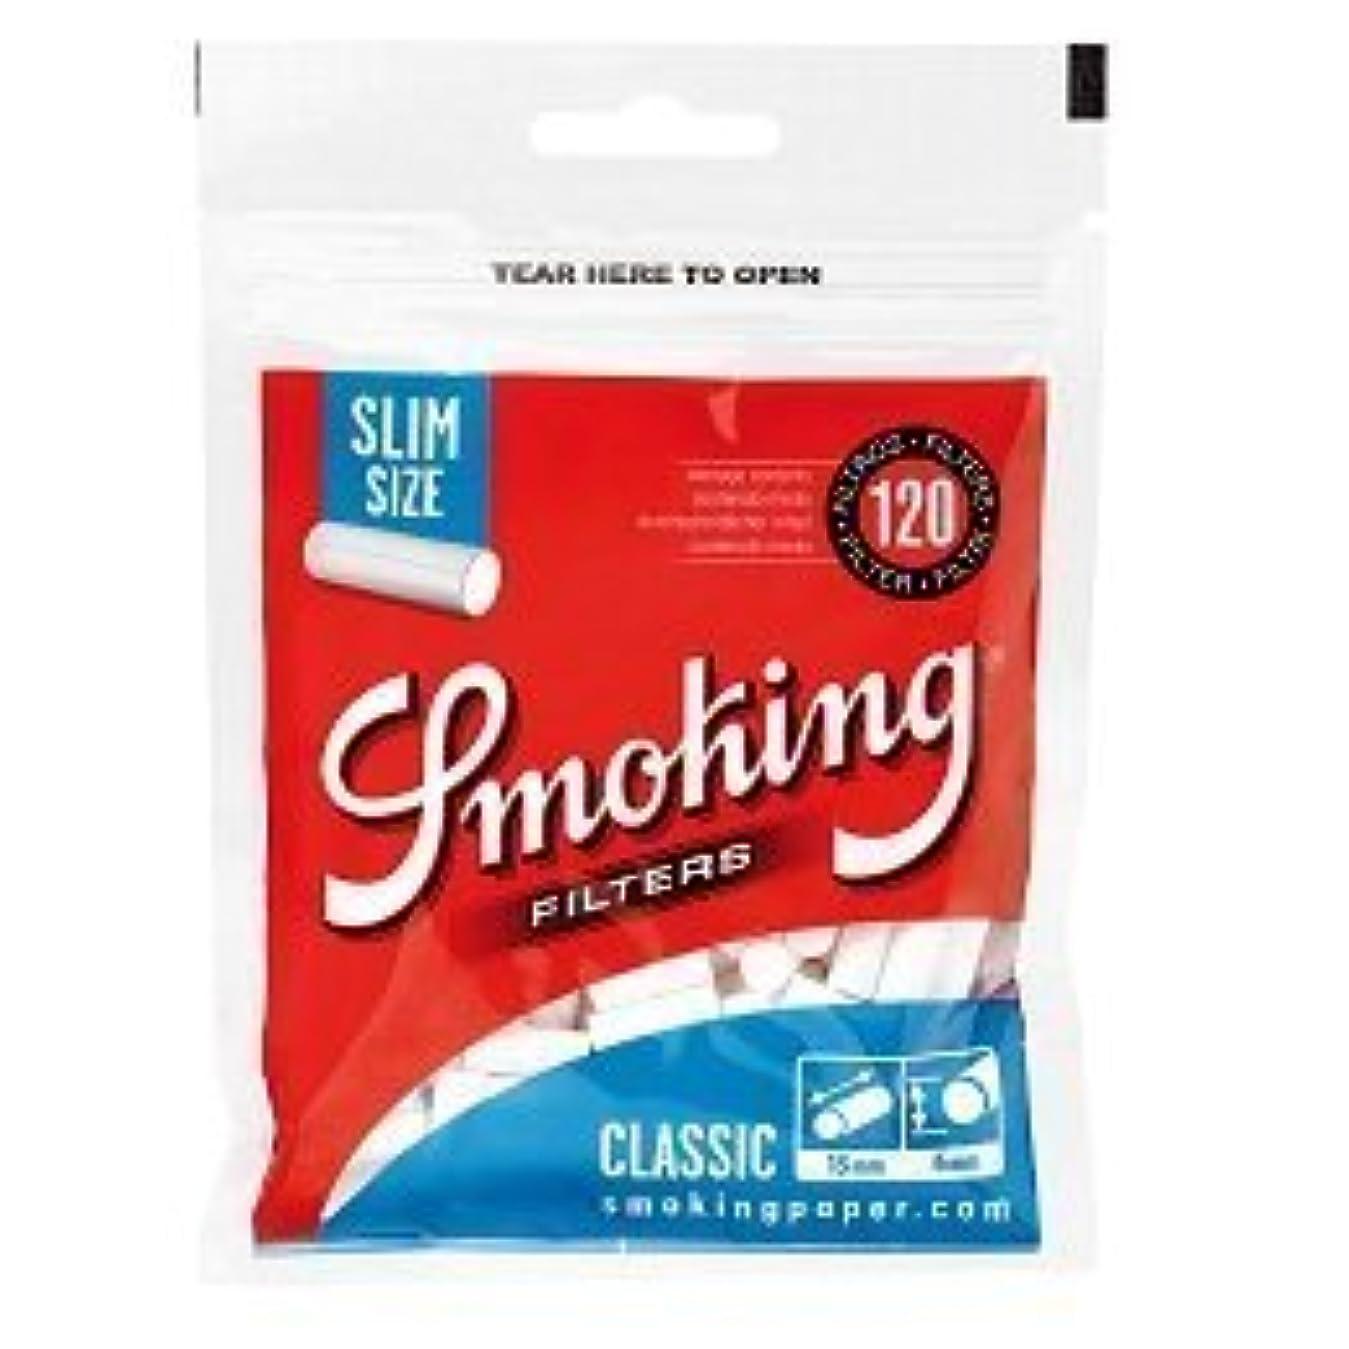 飲料合わせて鯨[smoking]スモーキング クラシック スリム フィルター 120個入り×2 手巻き タバコ 喫煙具